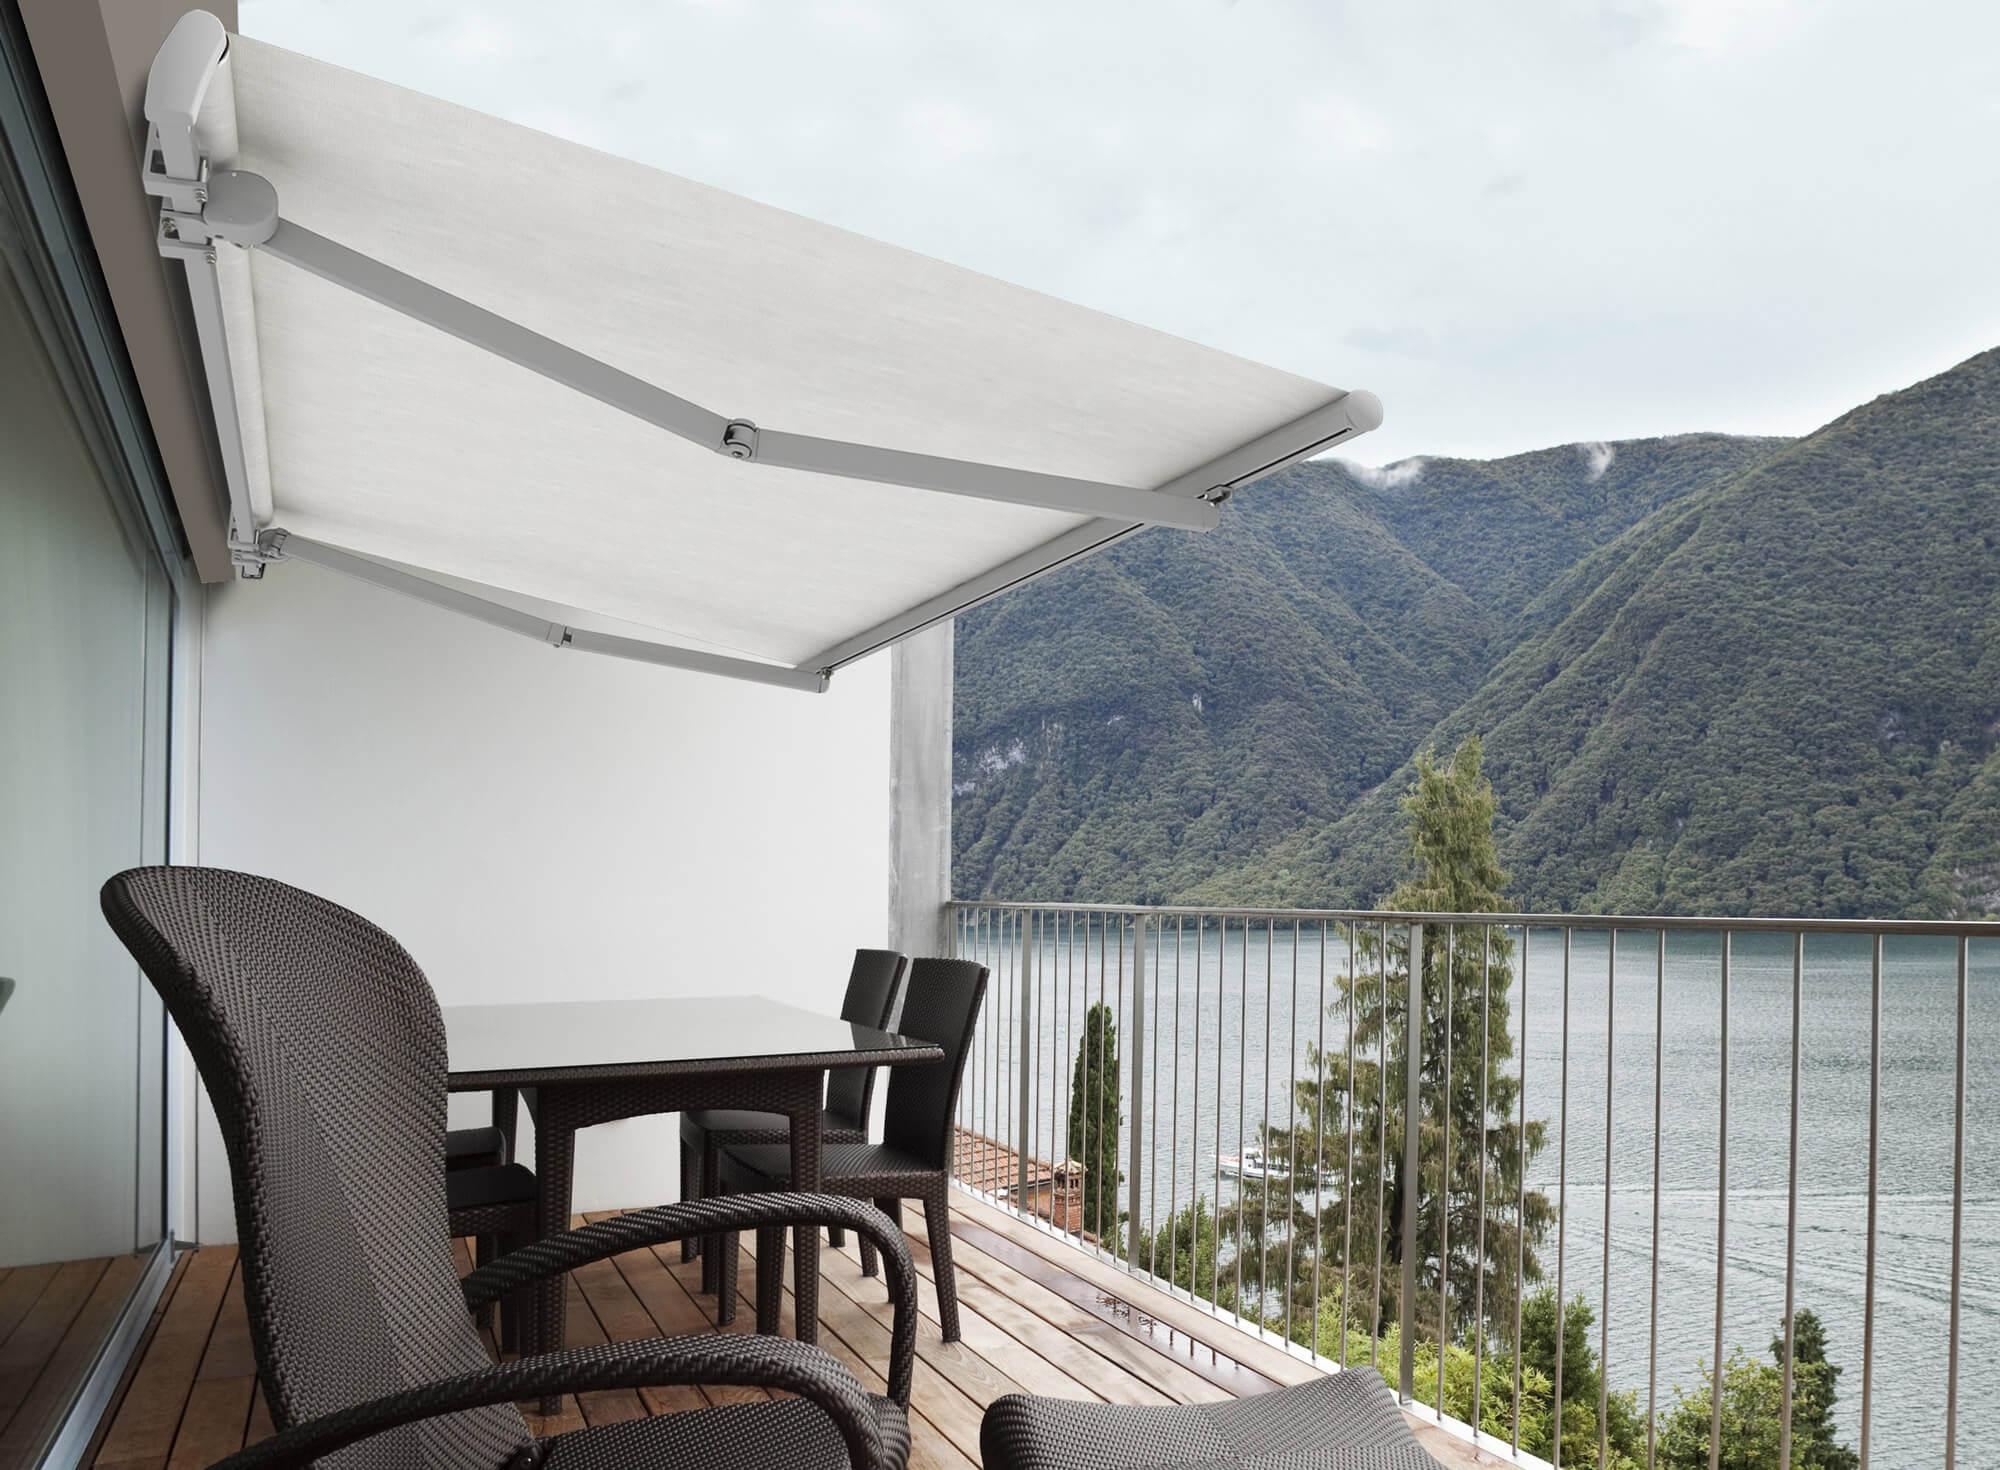 Tende Per Soffitti Inclinati tende da sole a bracci estensibili - ke outdoor design